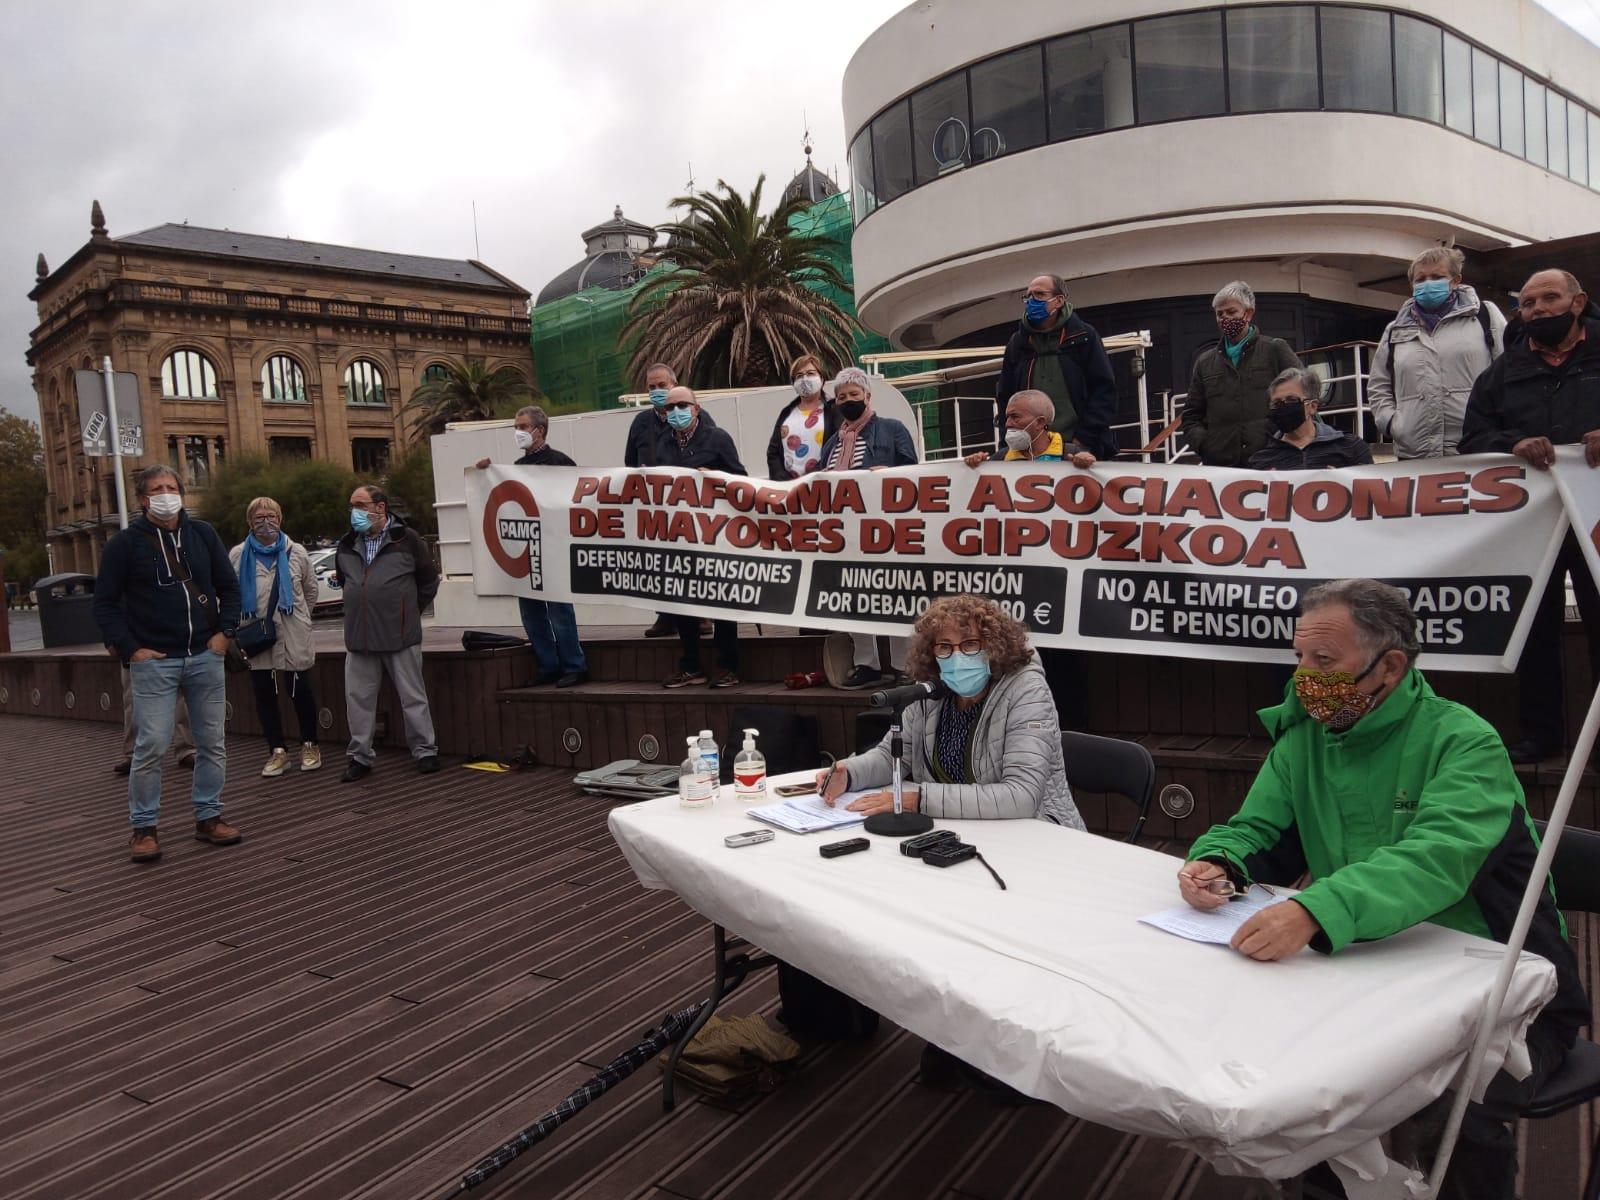 IMG 20201001 WA0008 - Los mayores gipuzkoanos celebran su día en pie de guerra